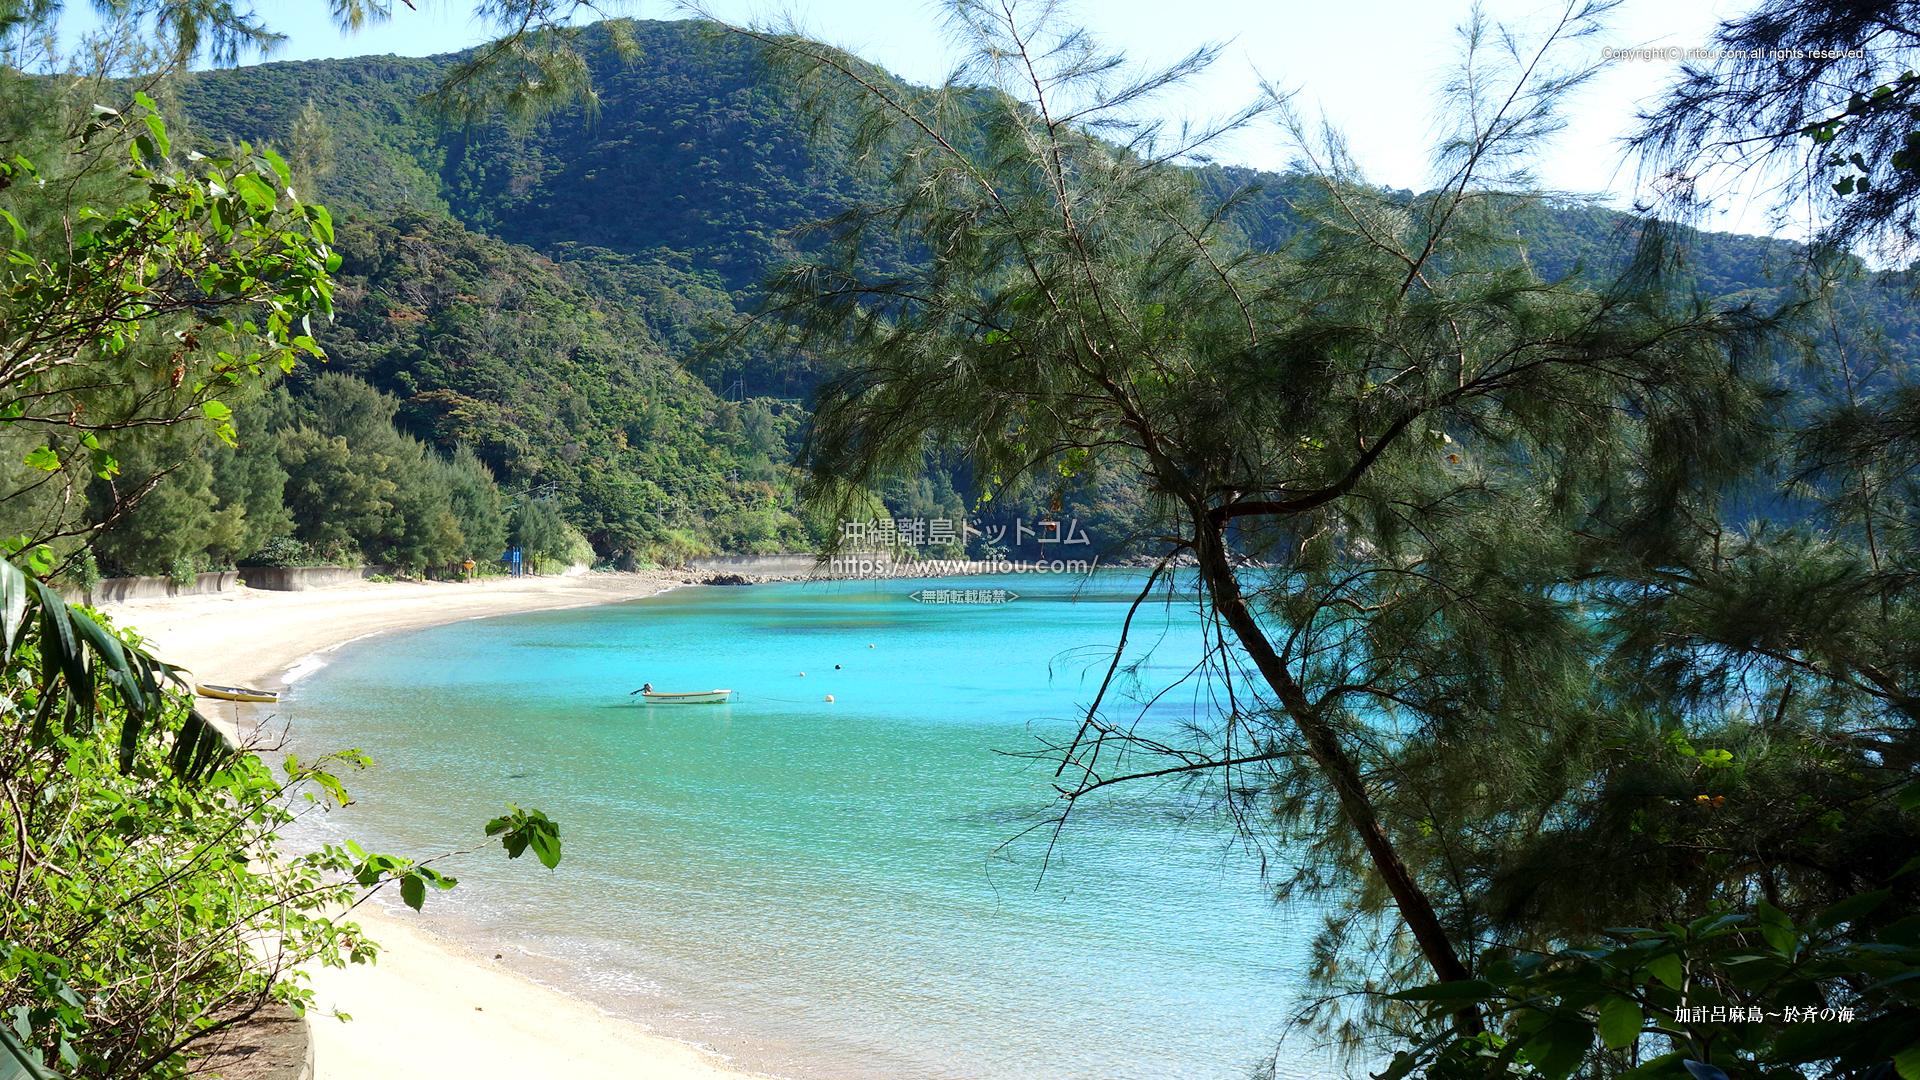 加計呂麻島〜於斉の海